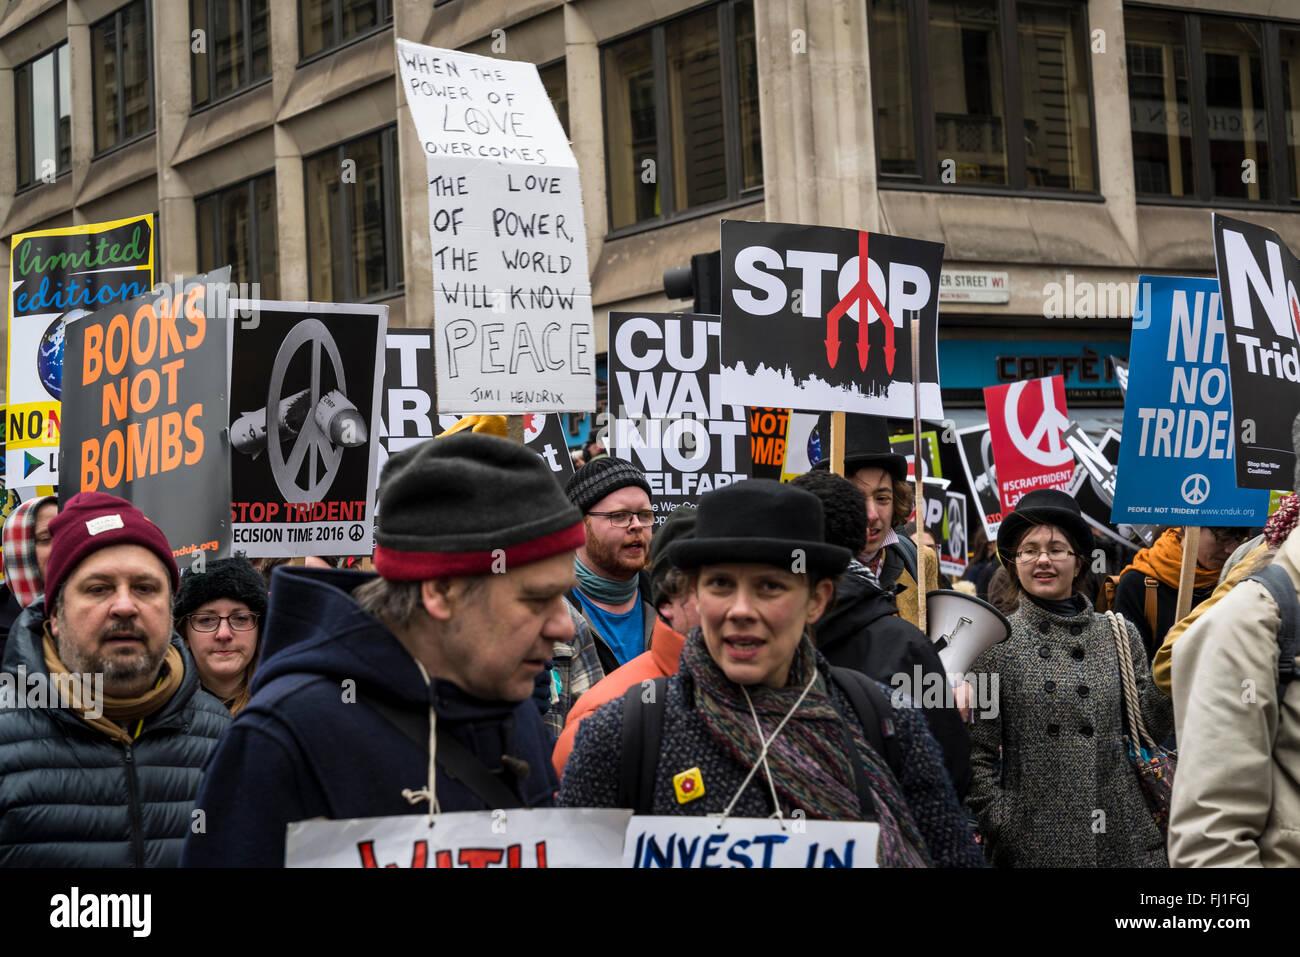 Londra, Regno Unito. Il 27 febbraio, 2016. Arrestare Trident dimostrazione organizzata dalla Campagna per il disarmo nucleare, Londra, Inghilterra, Regno Unito. 27/02/2016: Credito Bjanka Kadic/Alamy Live News Foto Stock